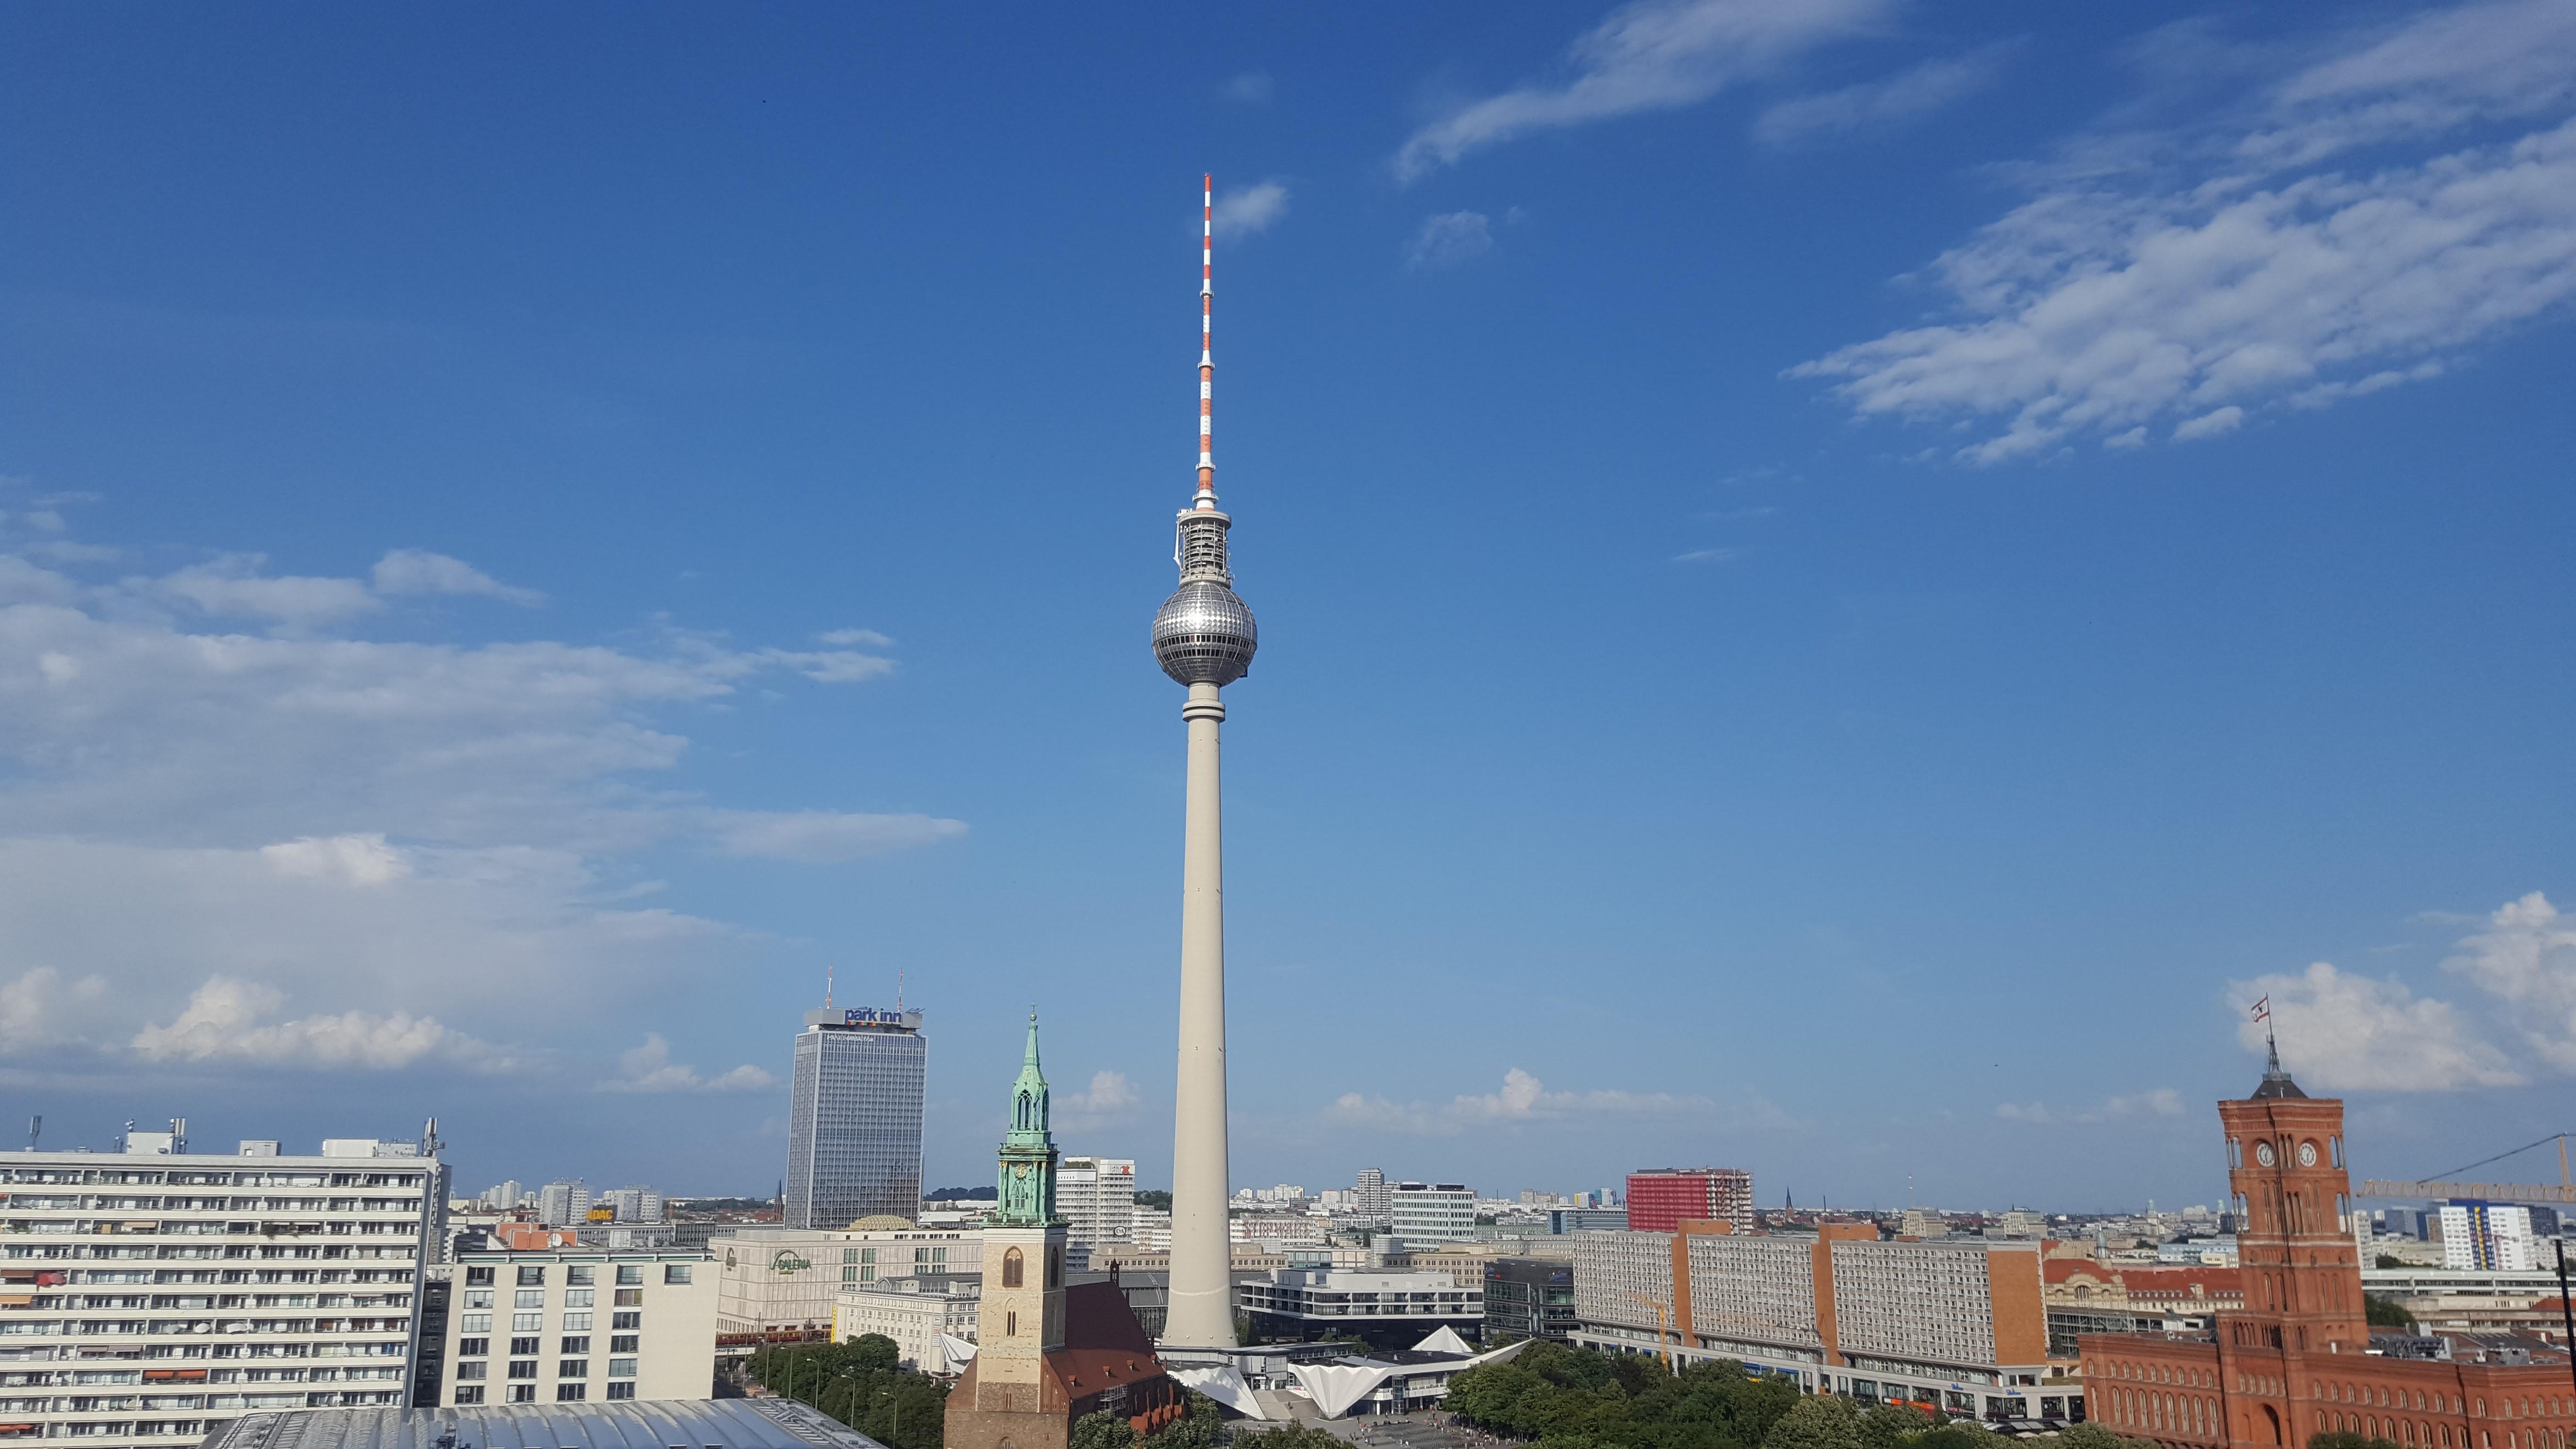 Tour de télévision Alexanderplatz